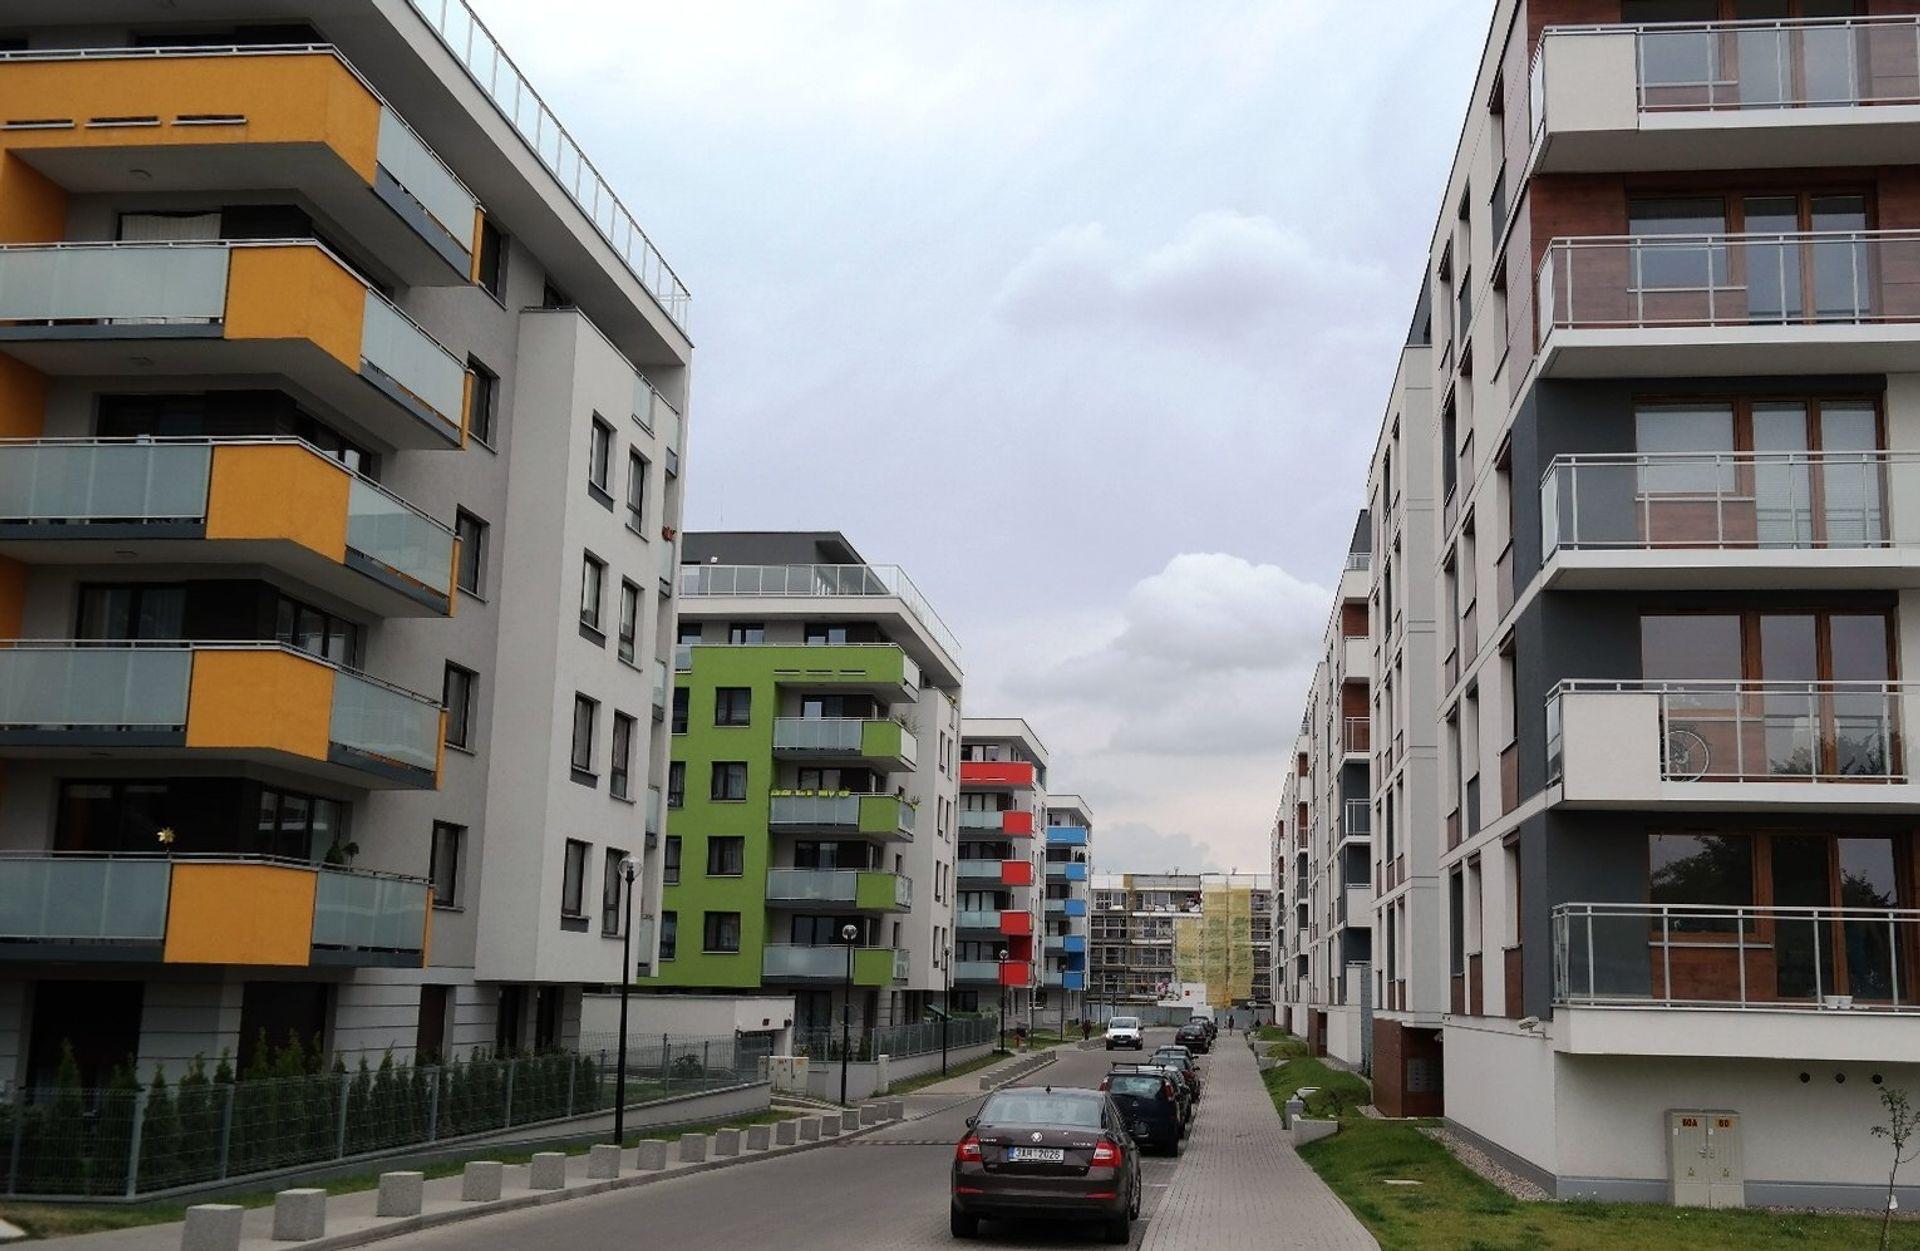 [Wrocław] Zakończenie sprzedaży w Osiedlu Innova i kontynuacja budowy Osiedla Moderno i Apartamentów Innova